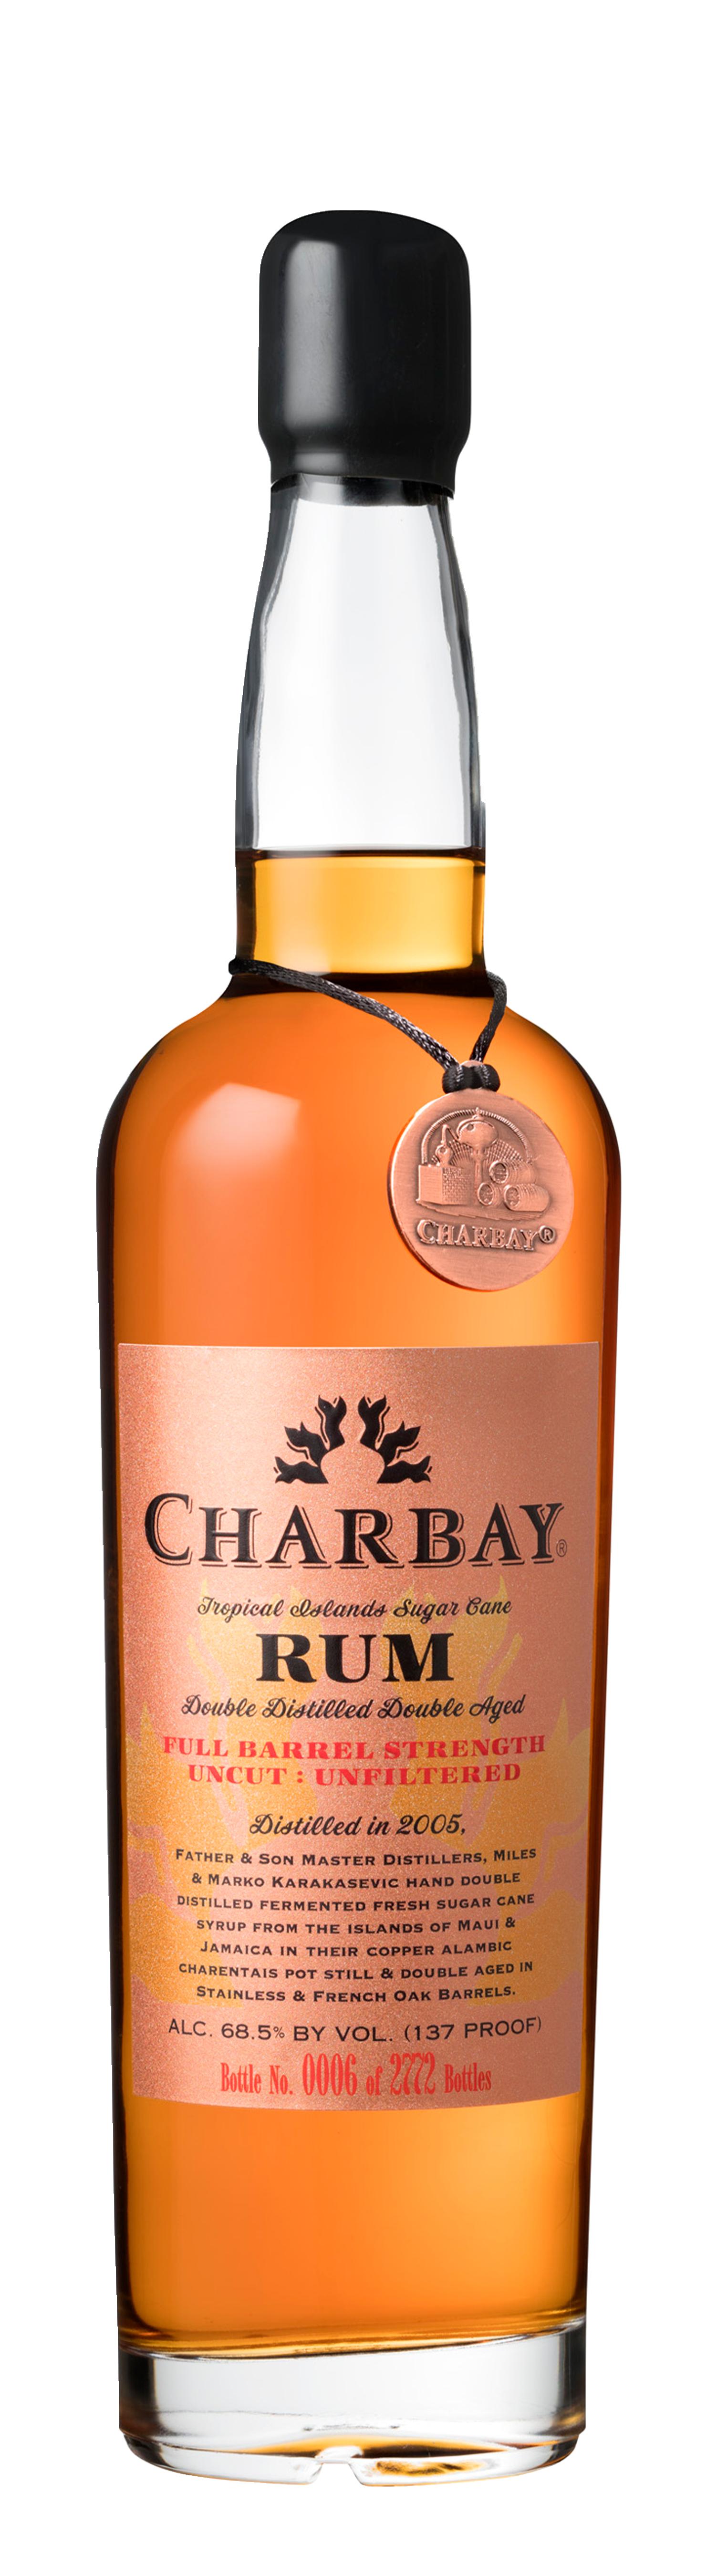 Charbay Rum